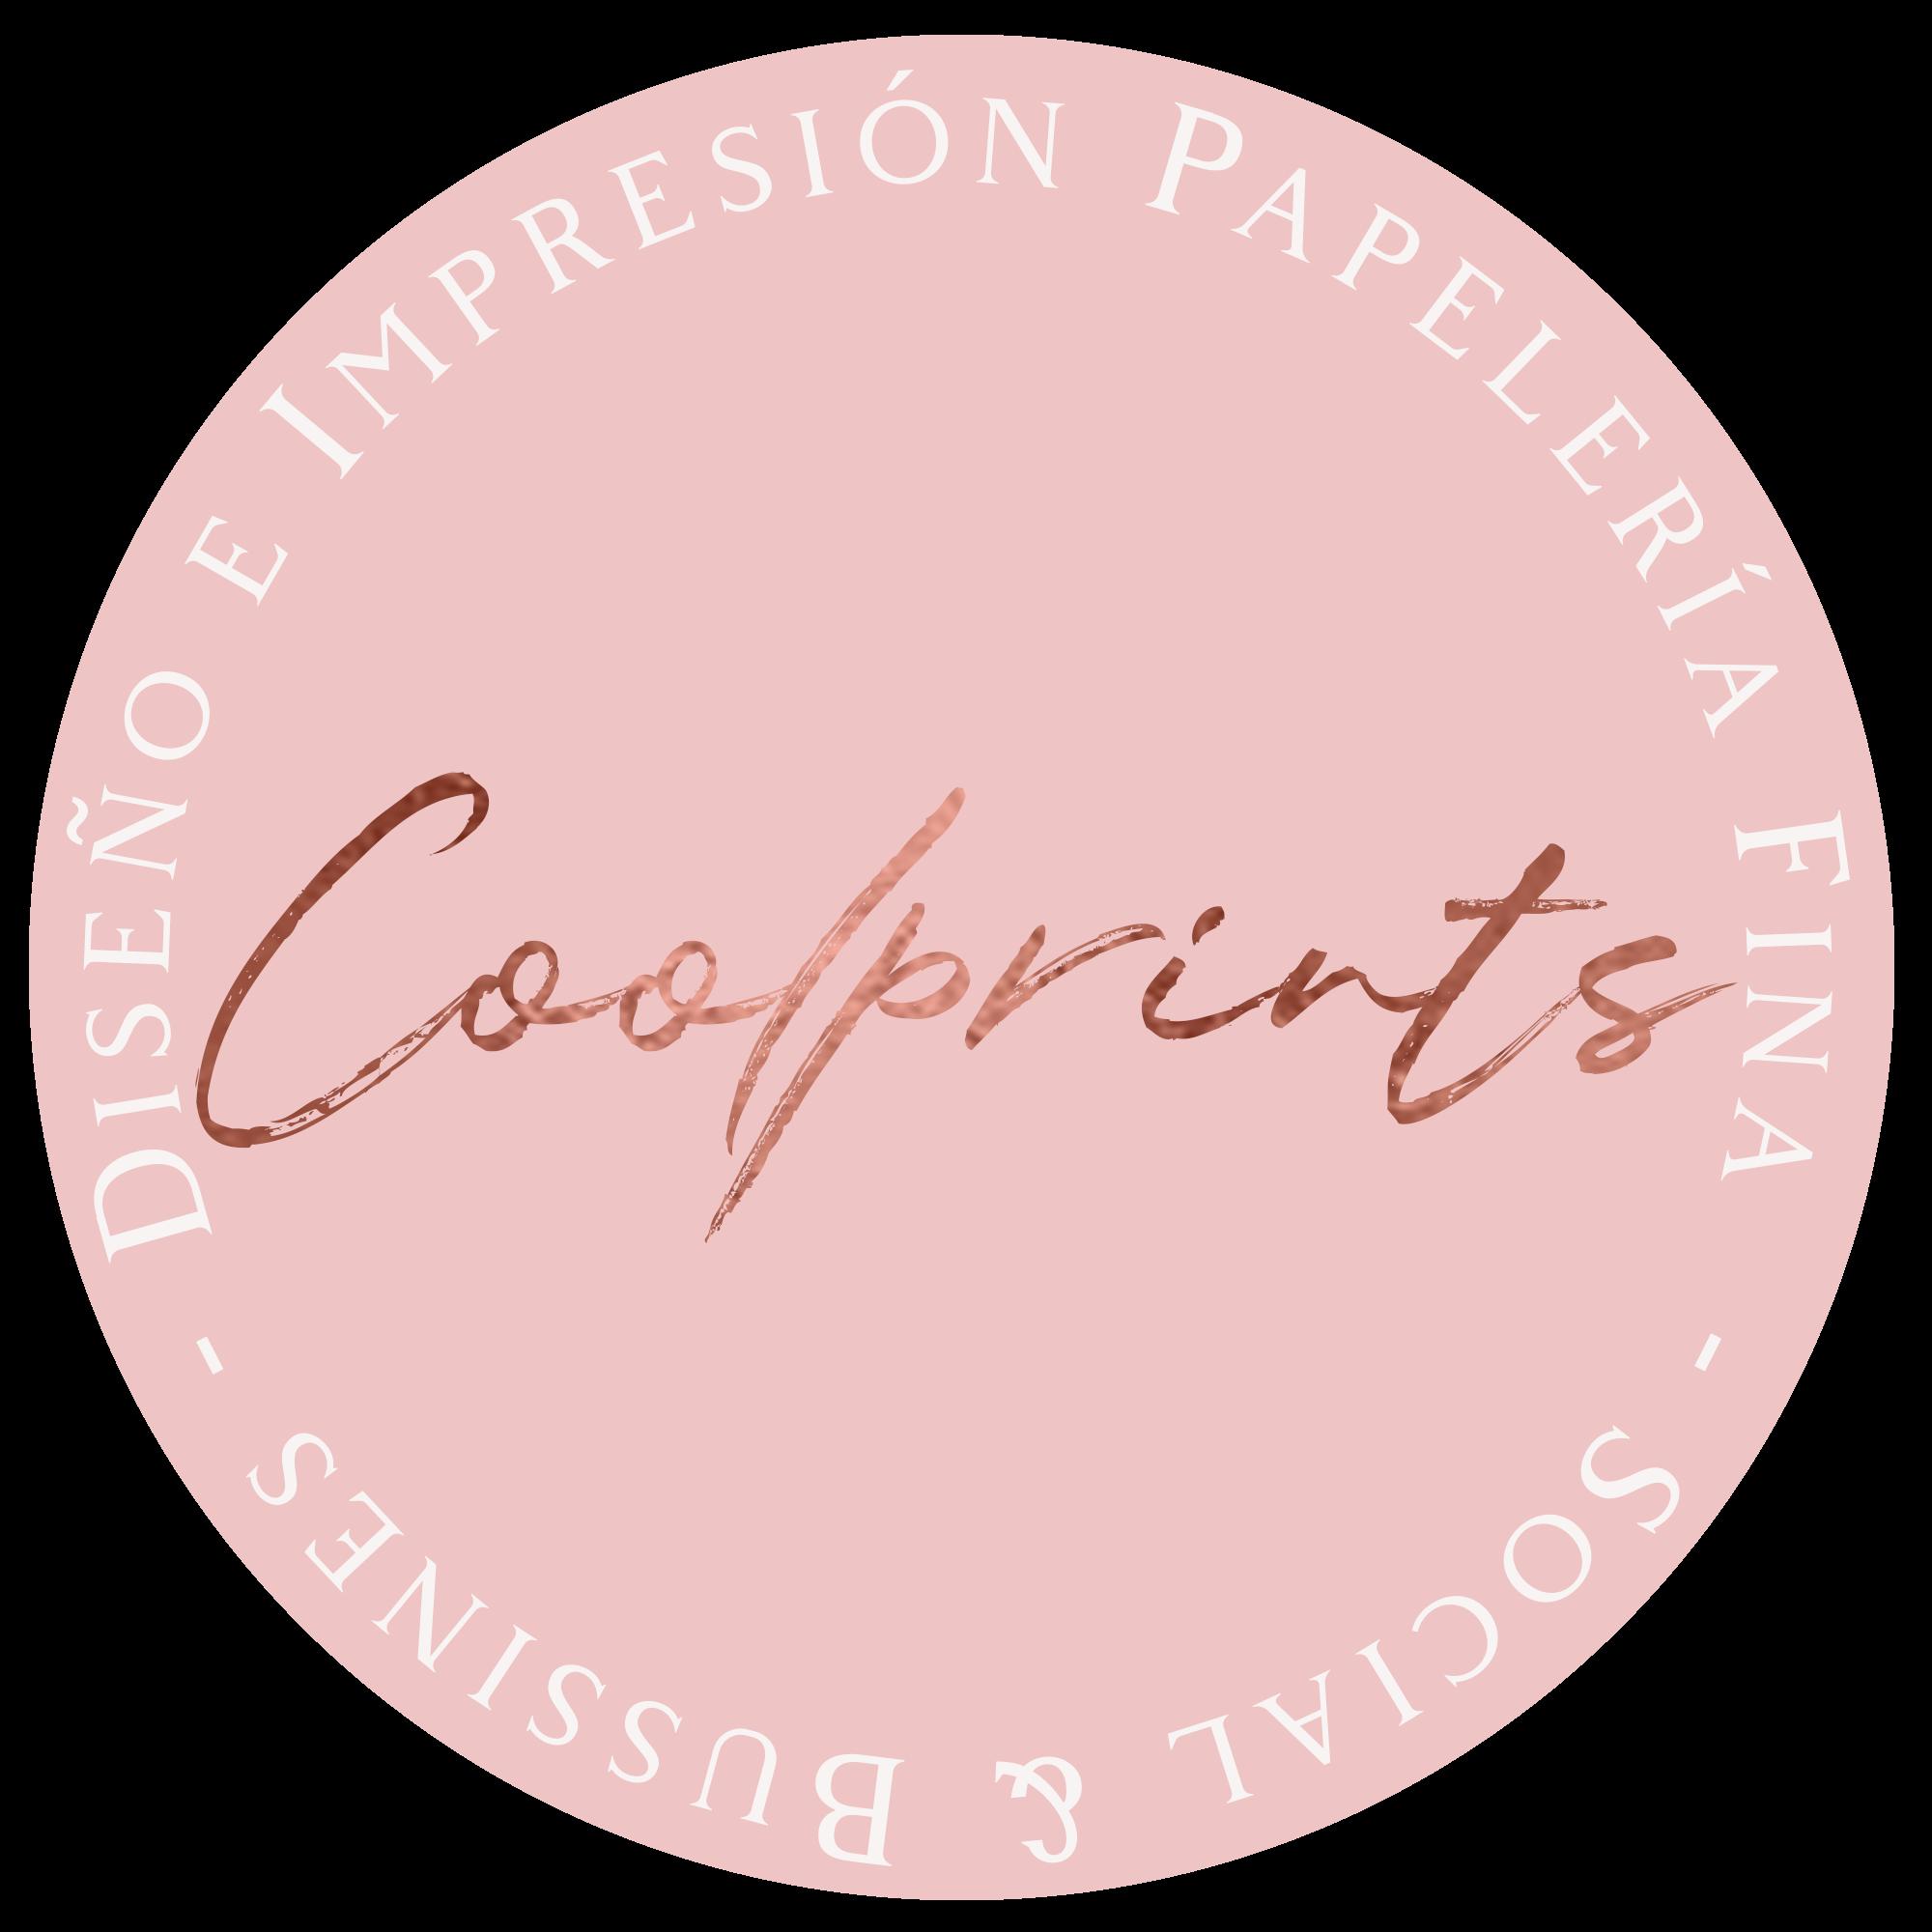 Coolprints